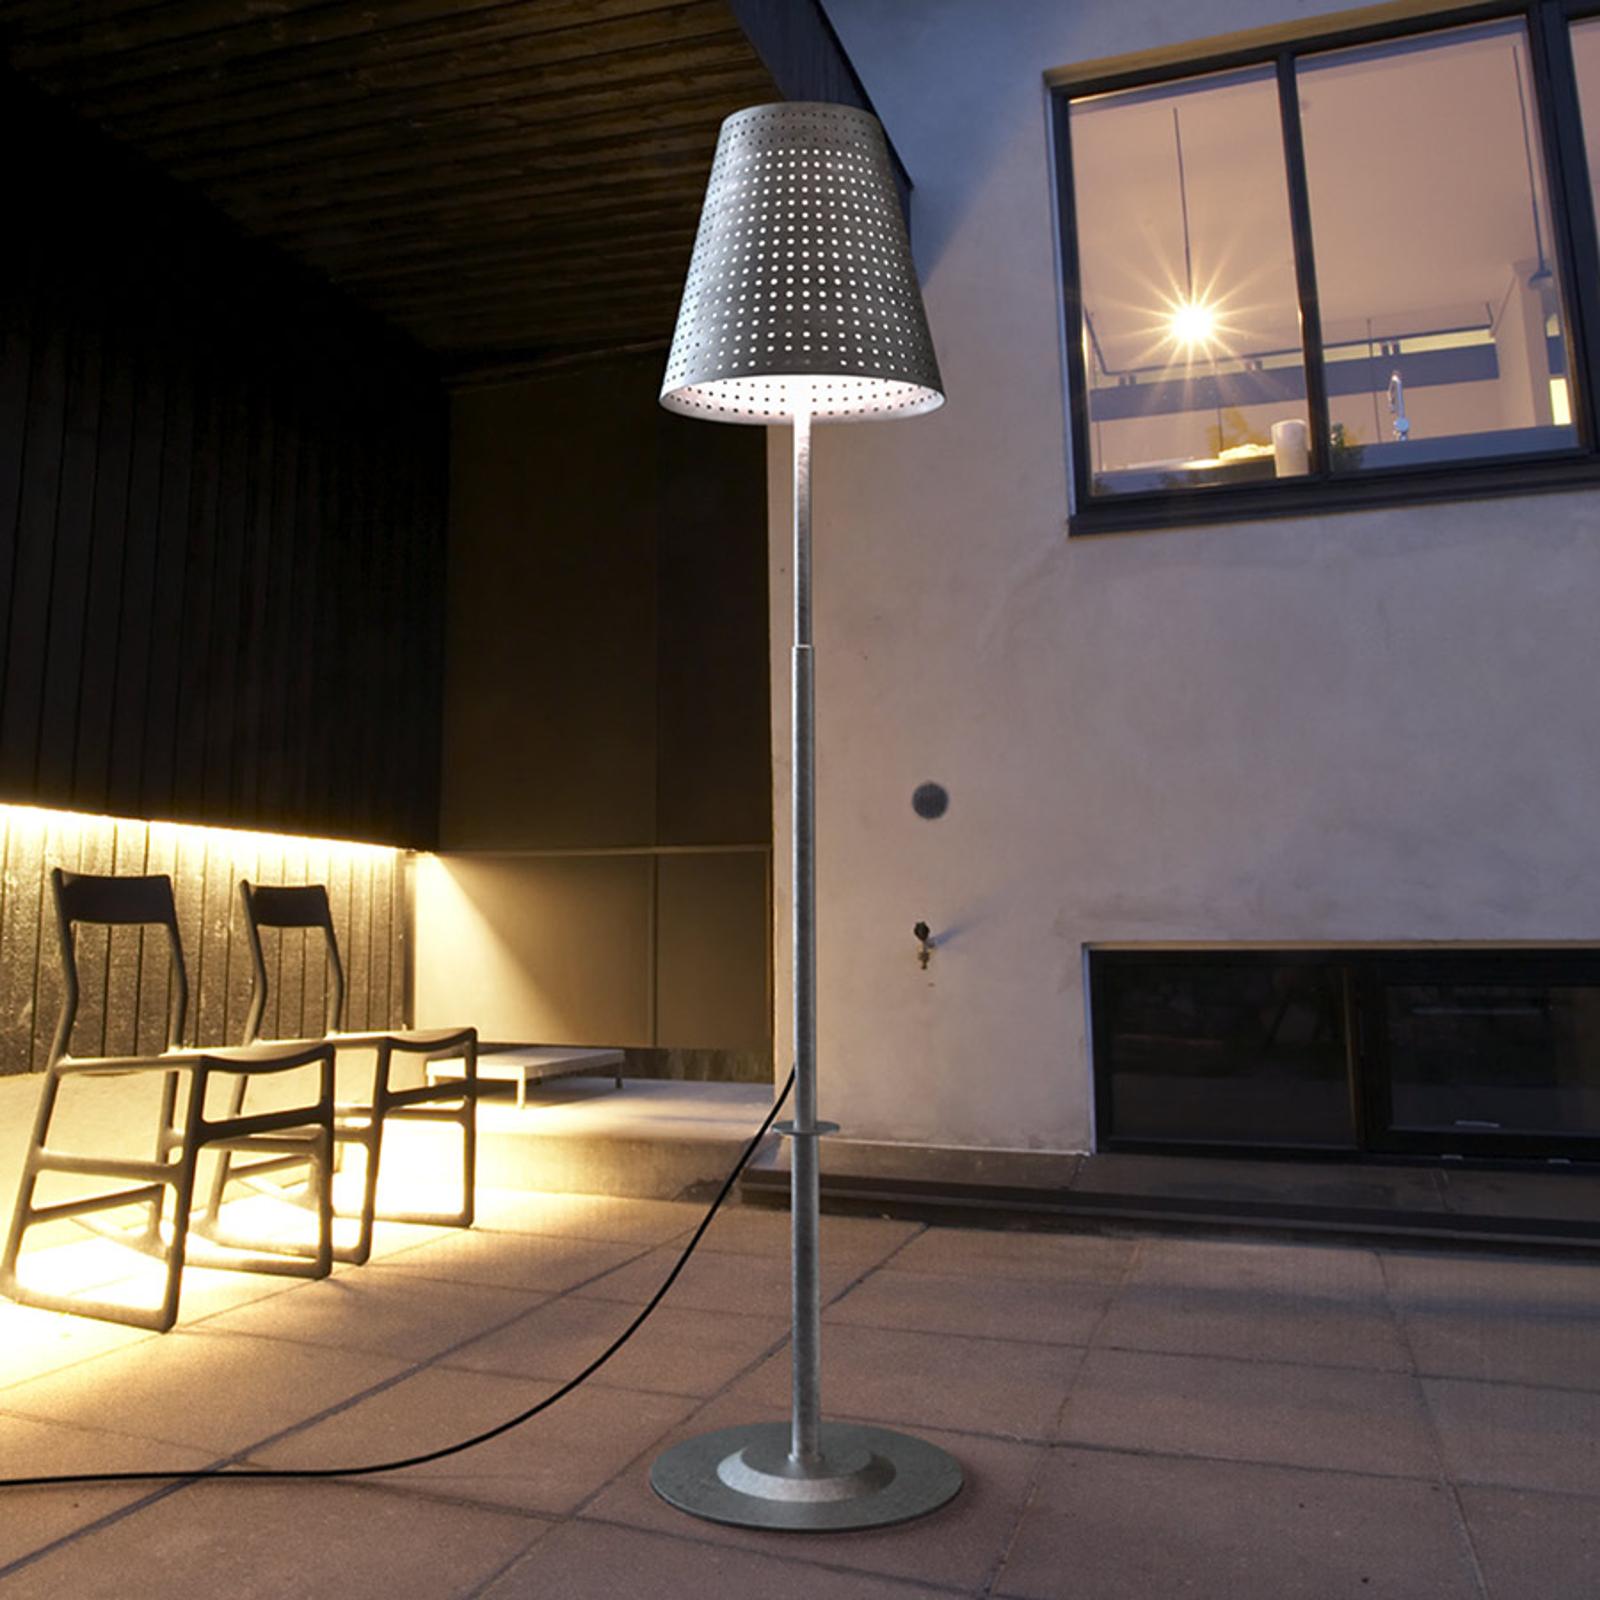 Voet m. bodemplaat v.staande lamp Fuse v. outdoor